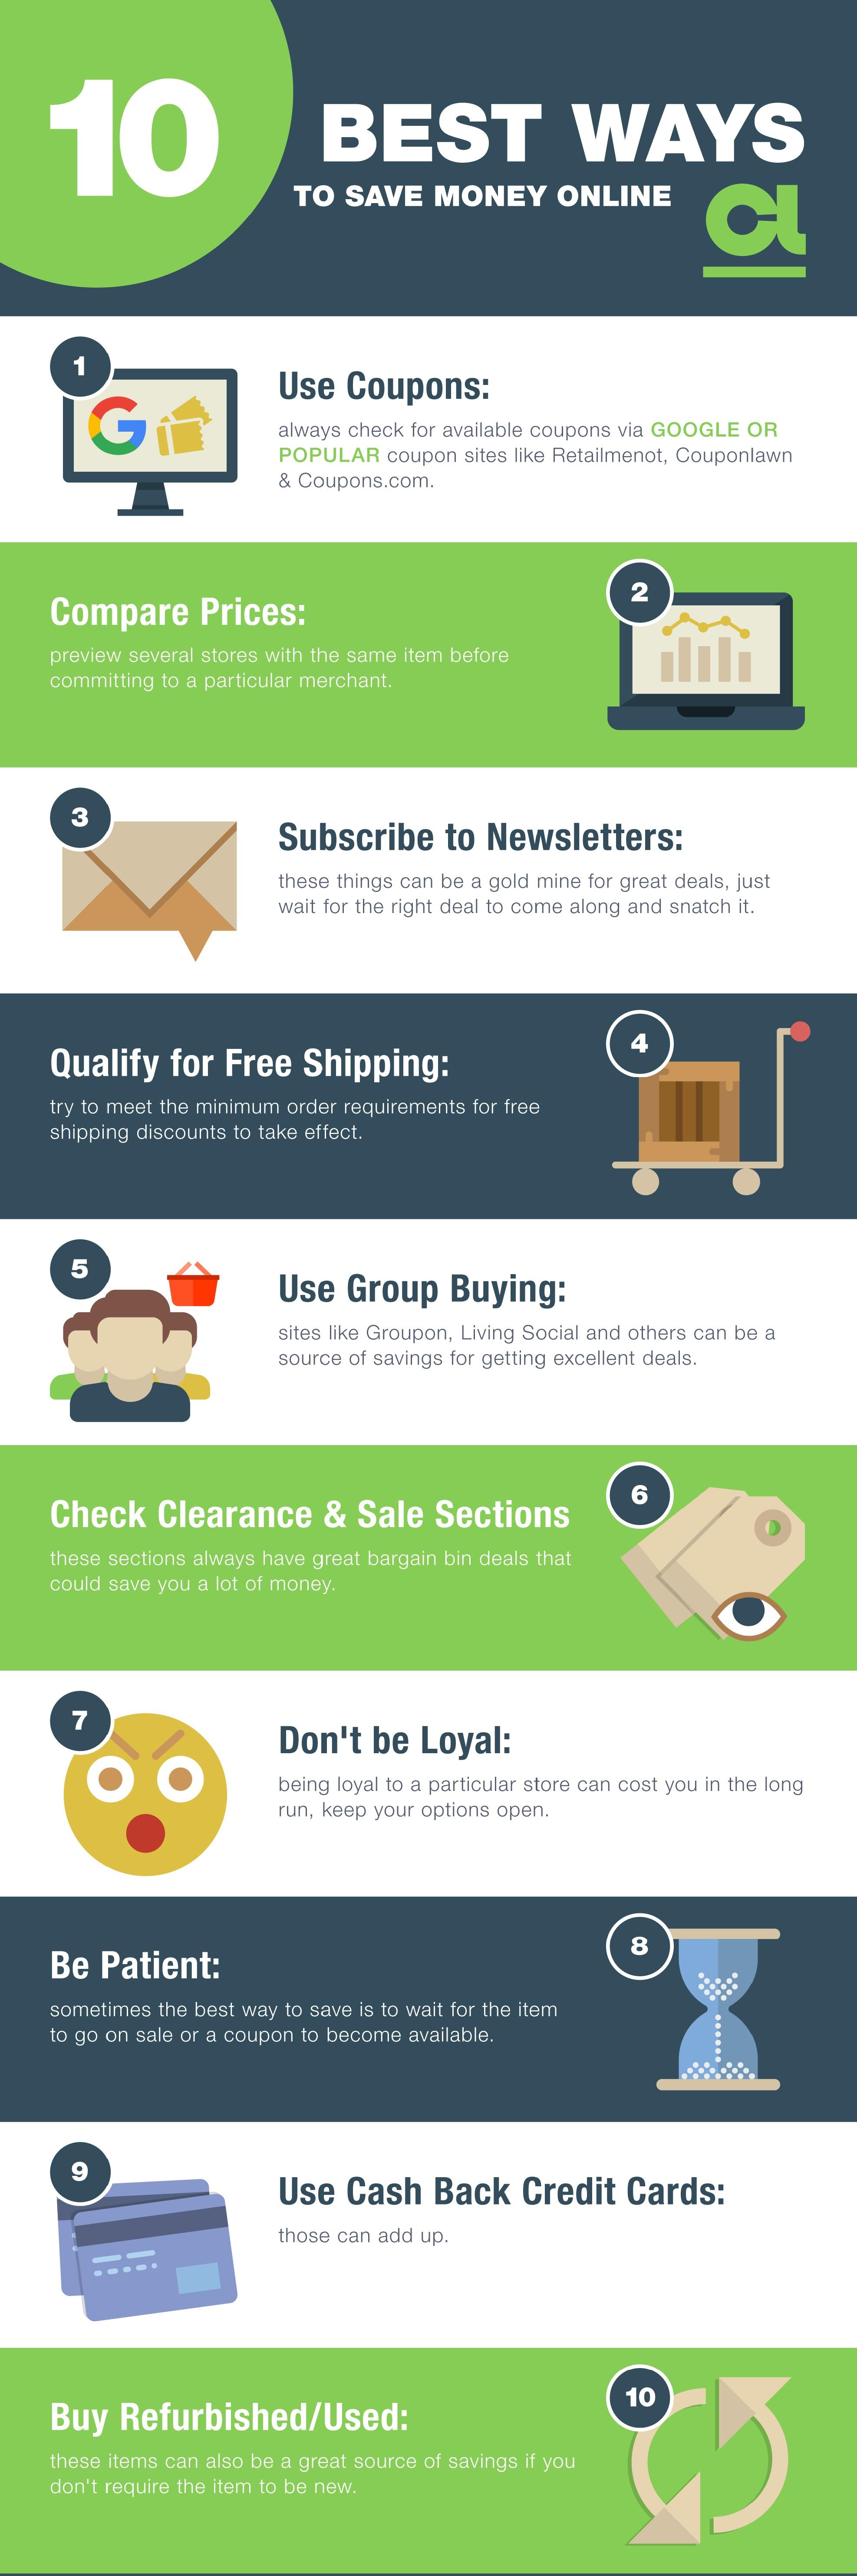 10 ways to save money online